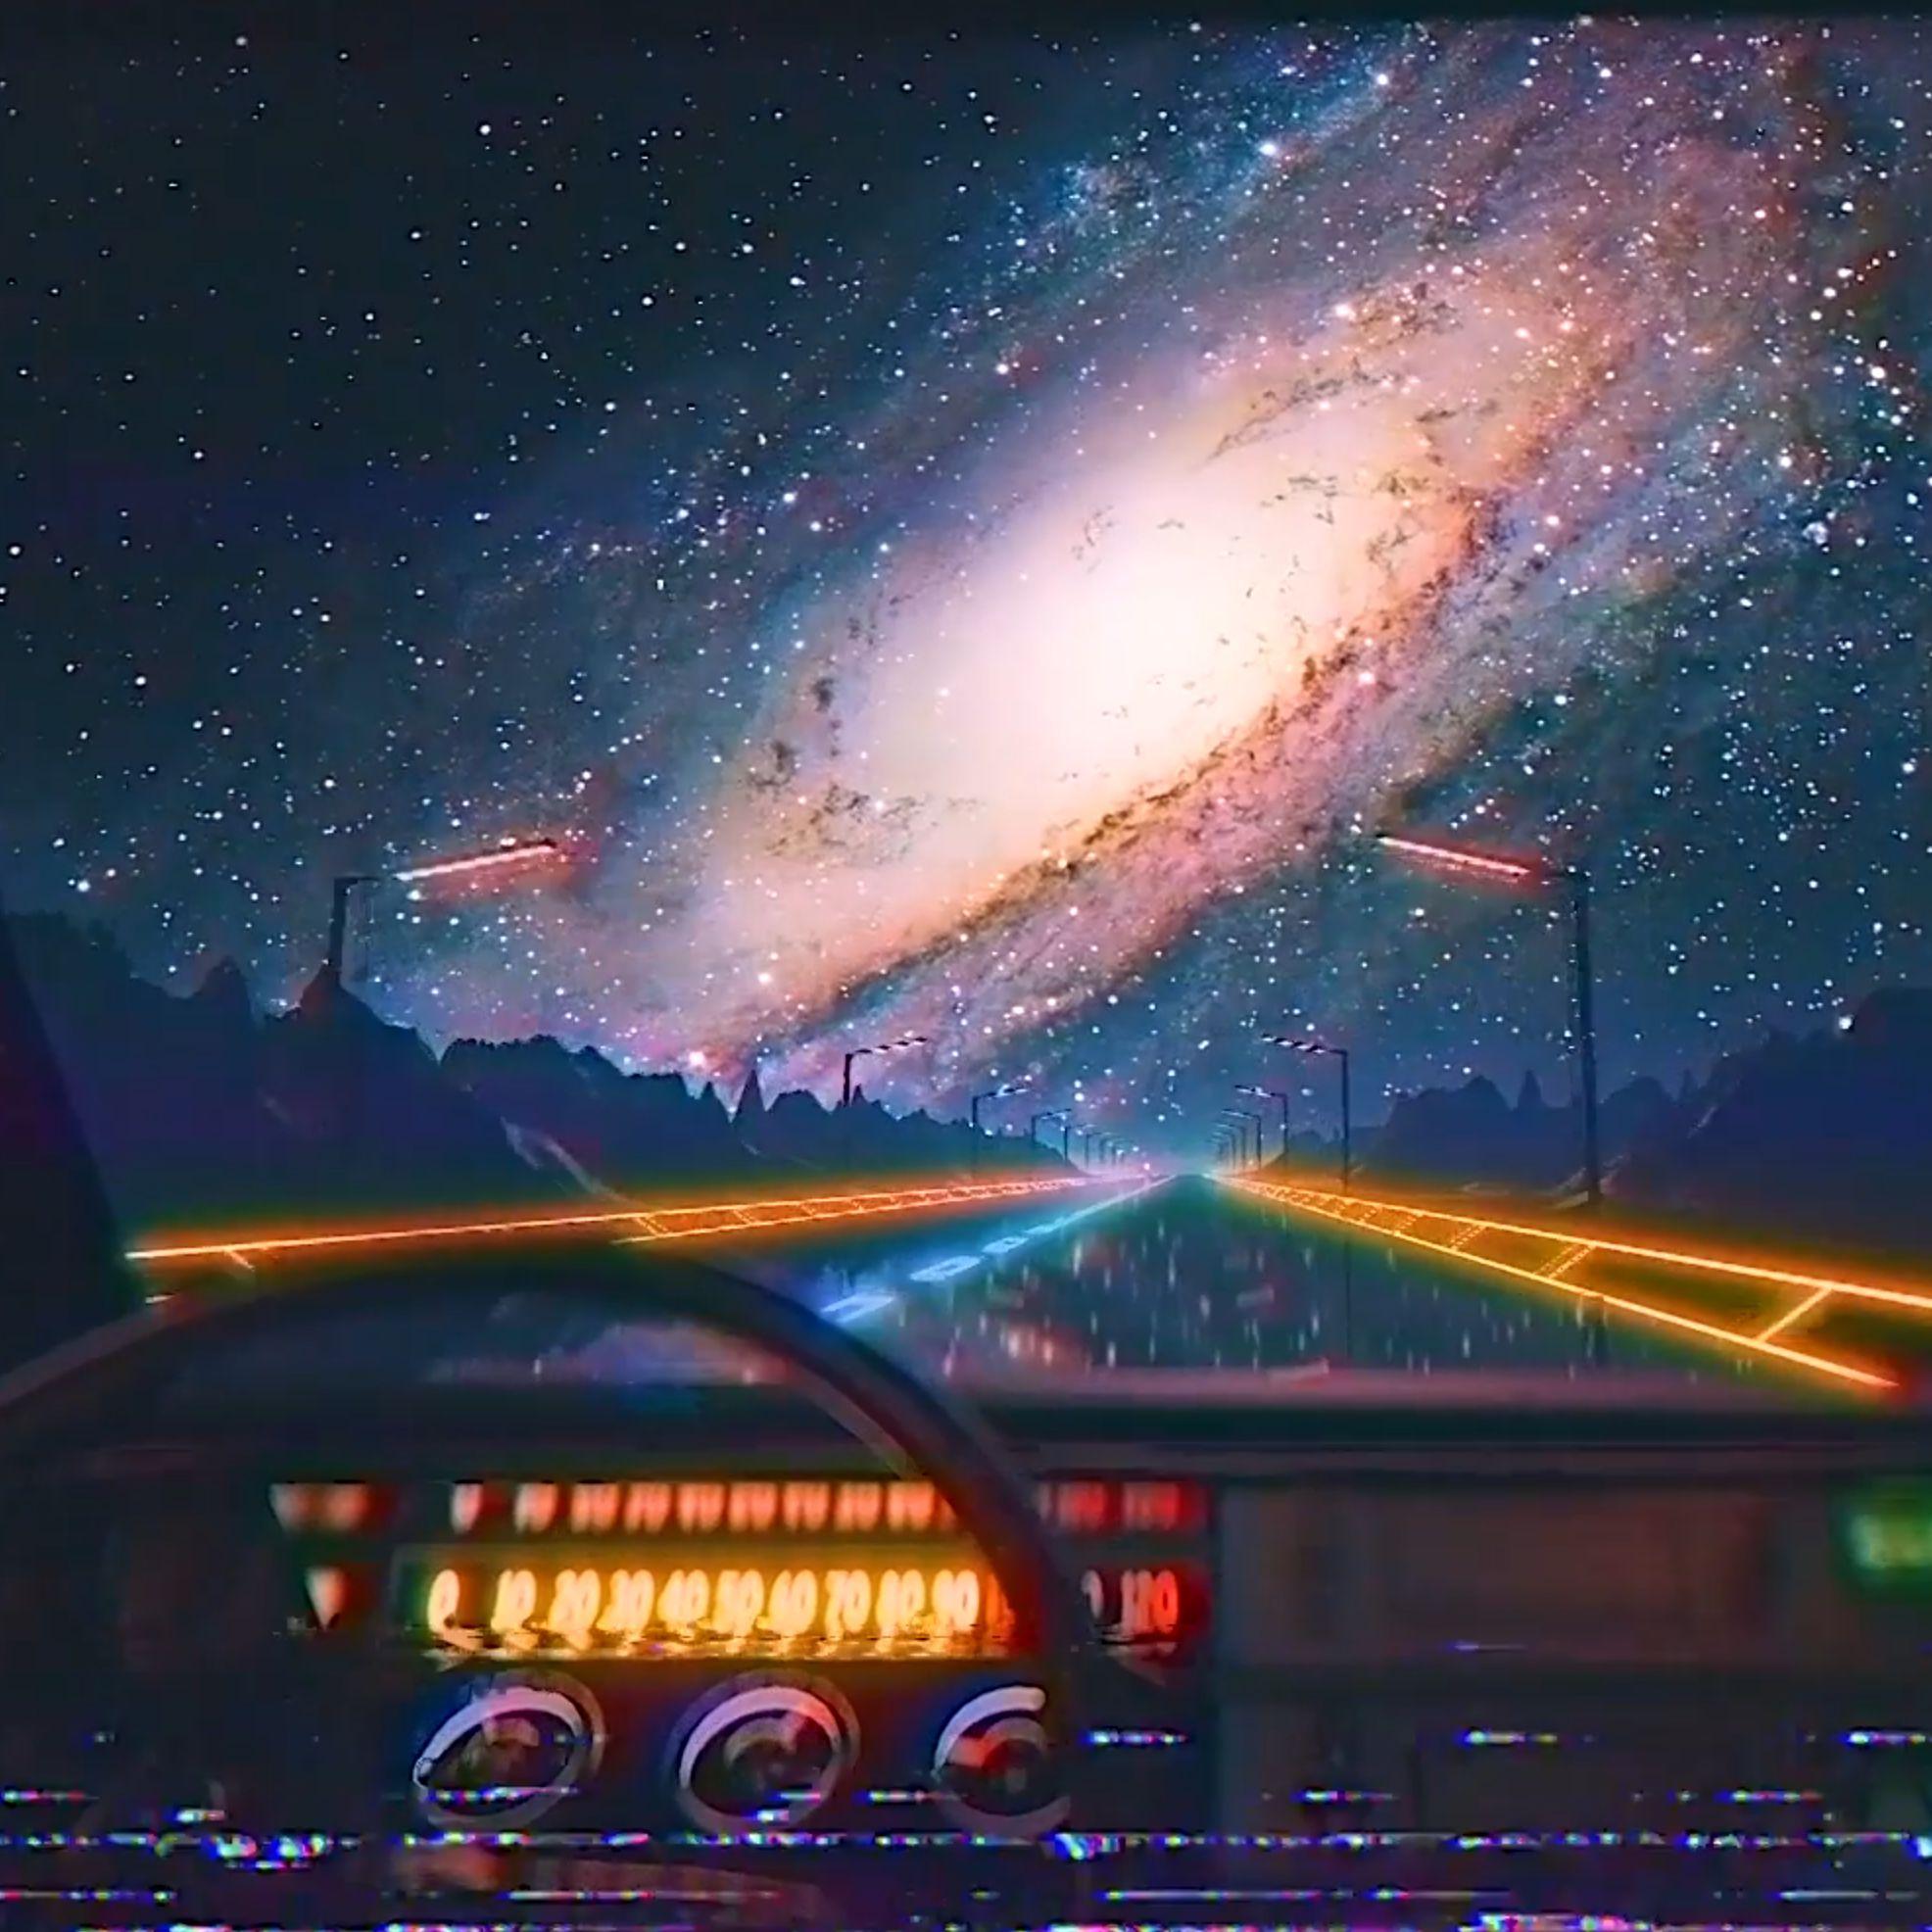 neon-exdeath-escape